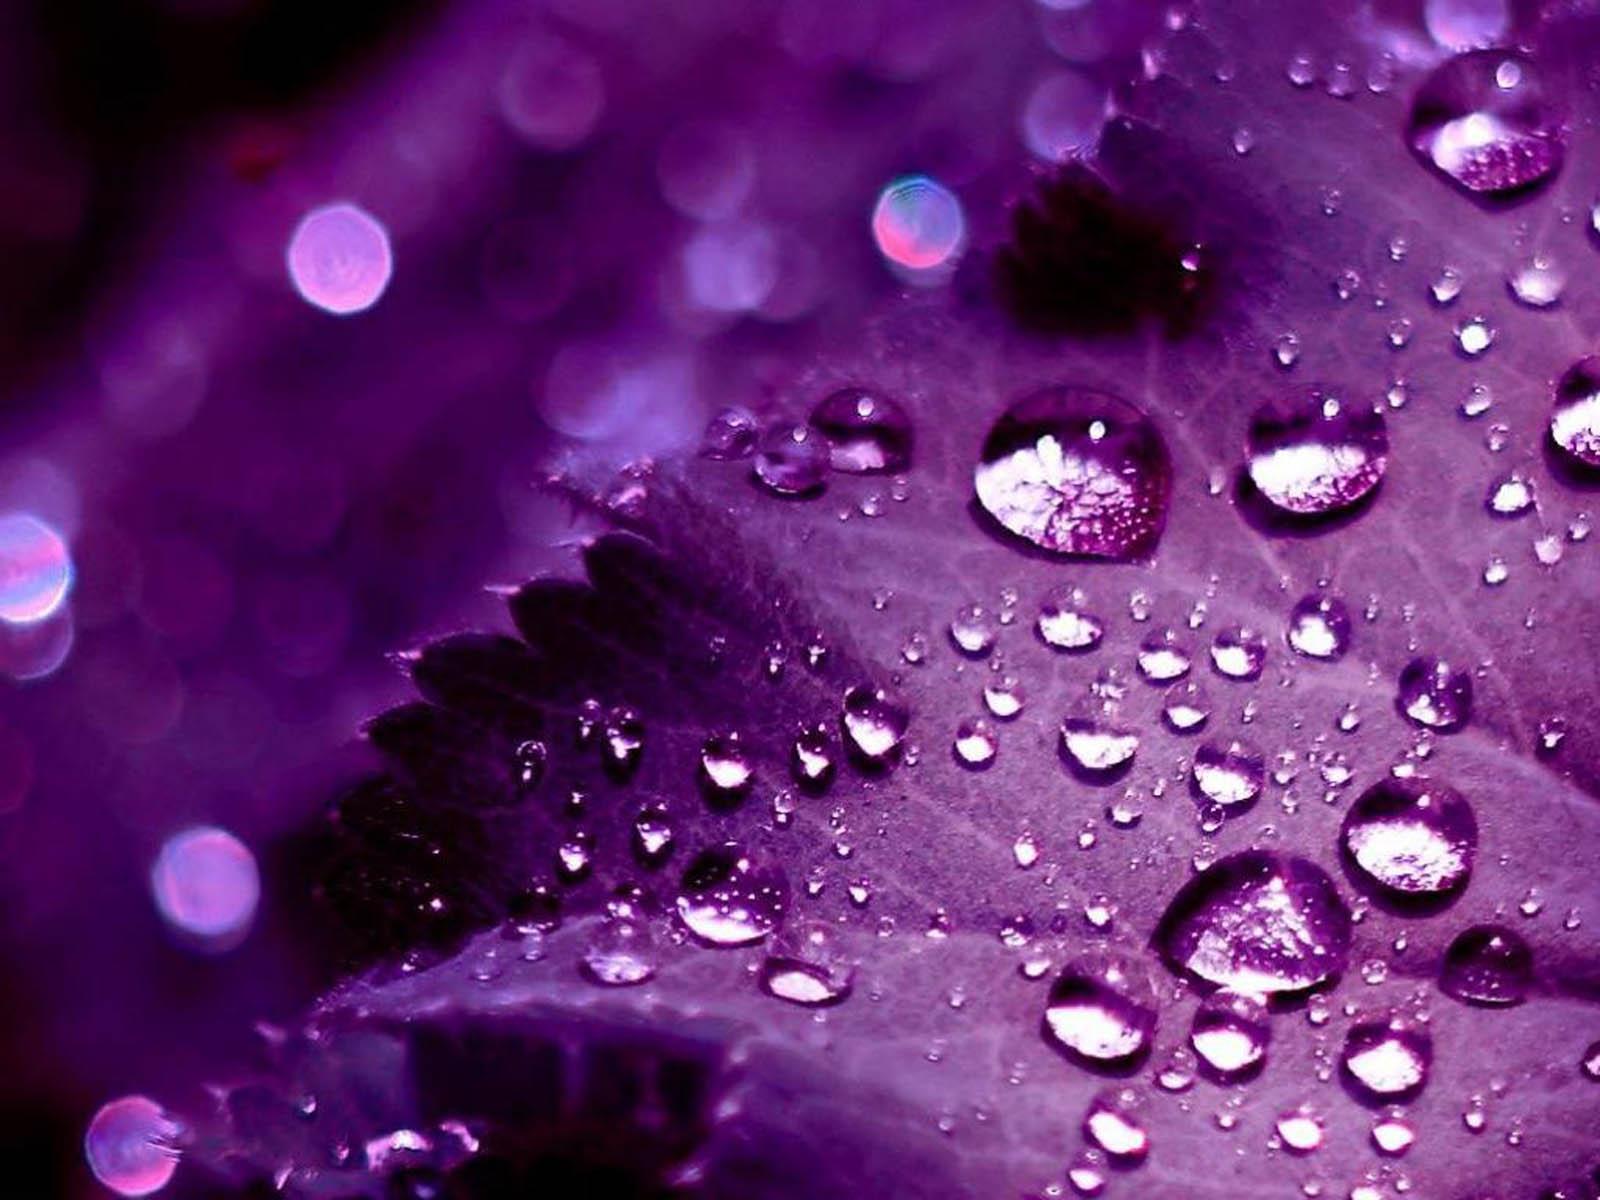 3D Purple Wallpapers 3D Purple DesktopWallpapers 3D Purple Desktop 1600x1200